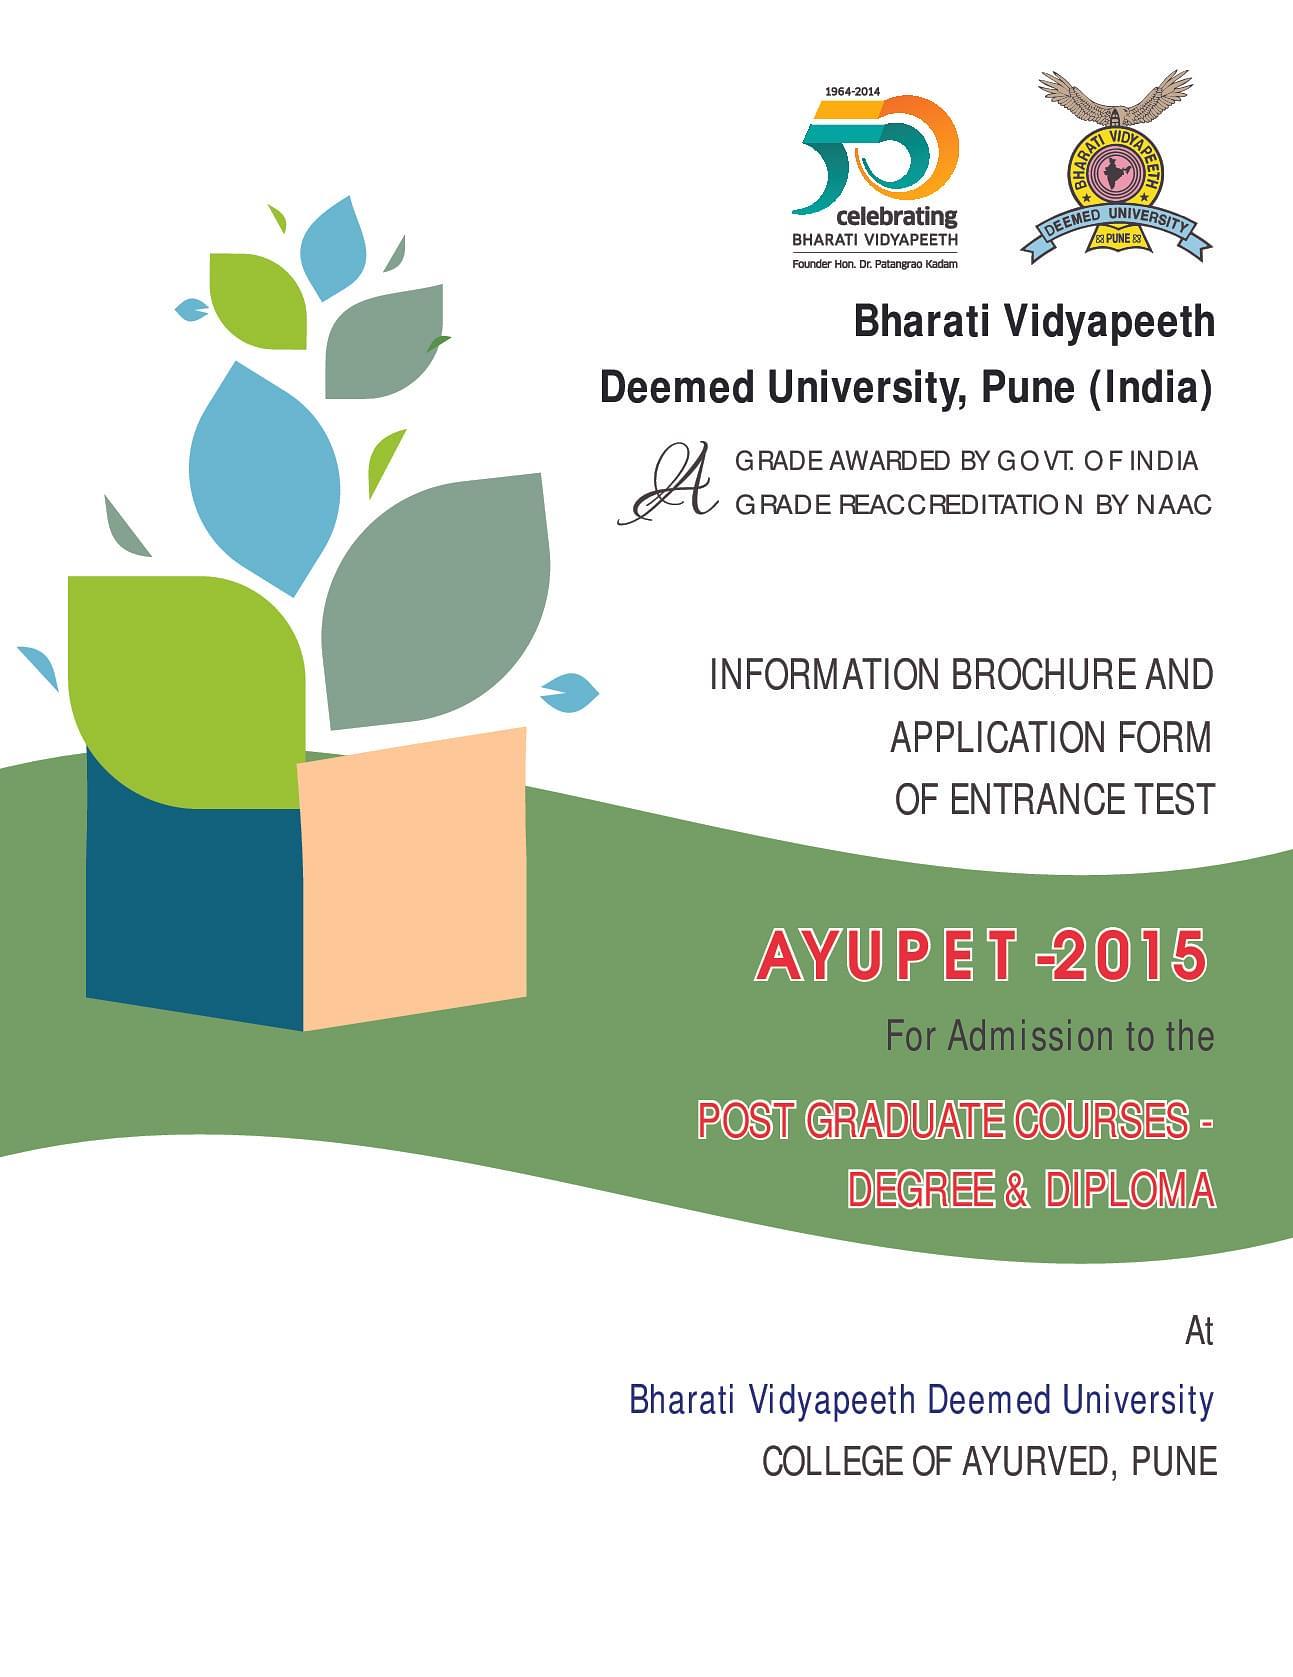 Bharati Vidyapeeth College of Ayurved - [BVCA], Pune